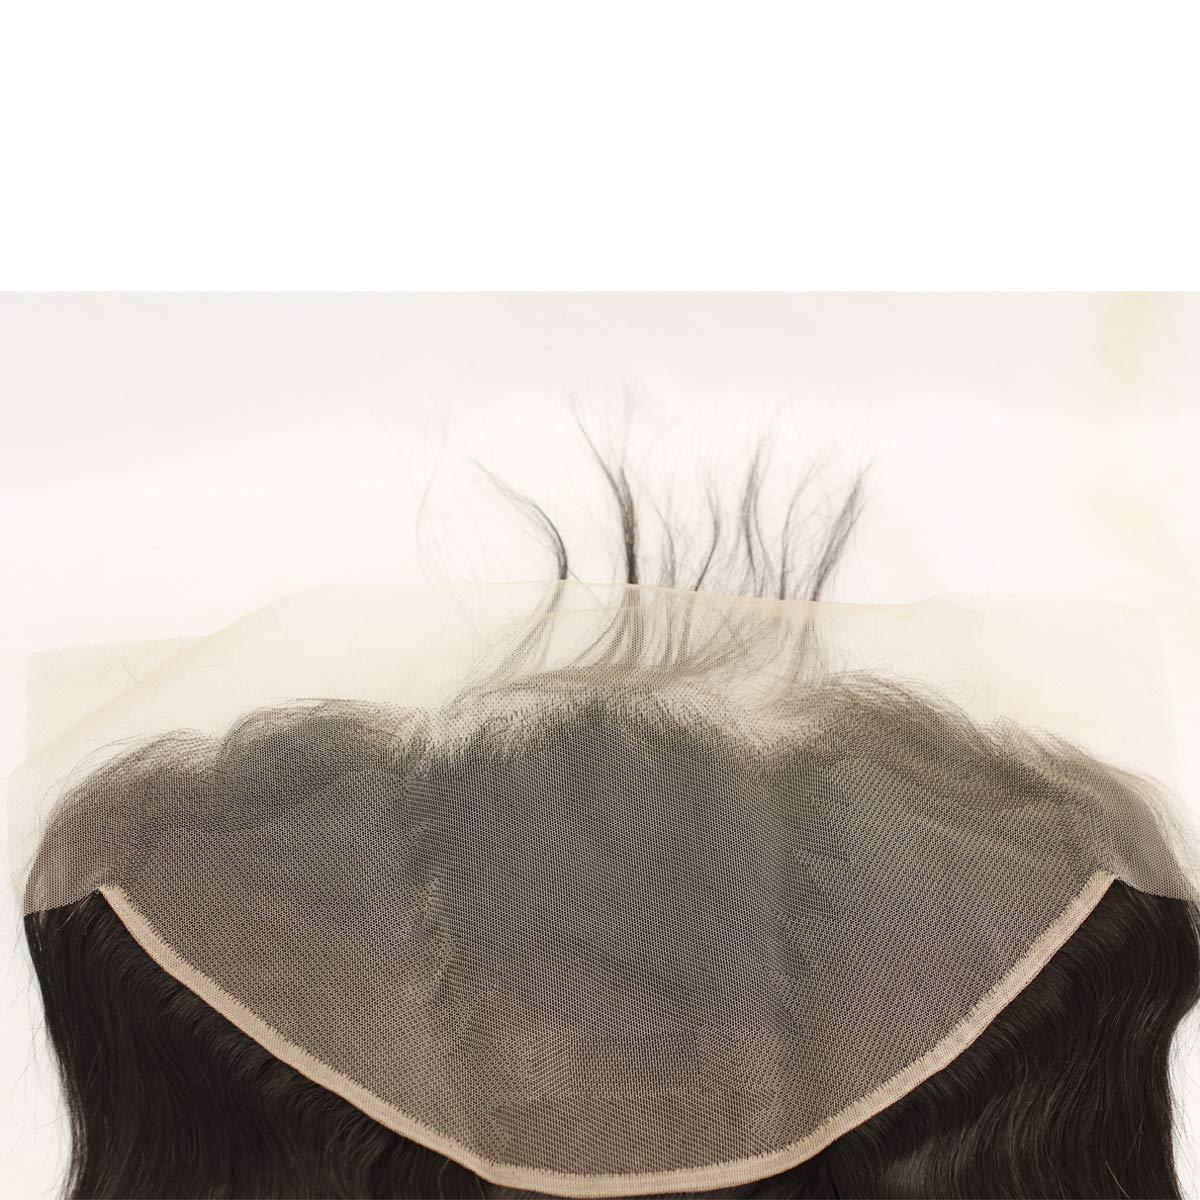 Amazon.com: Dreambeauty - Oreja de encaje transparente de ...